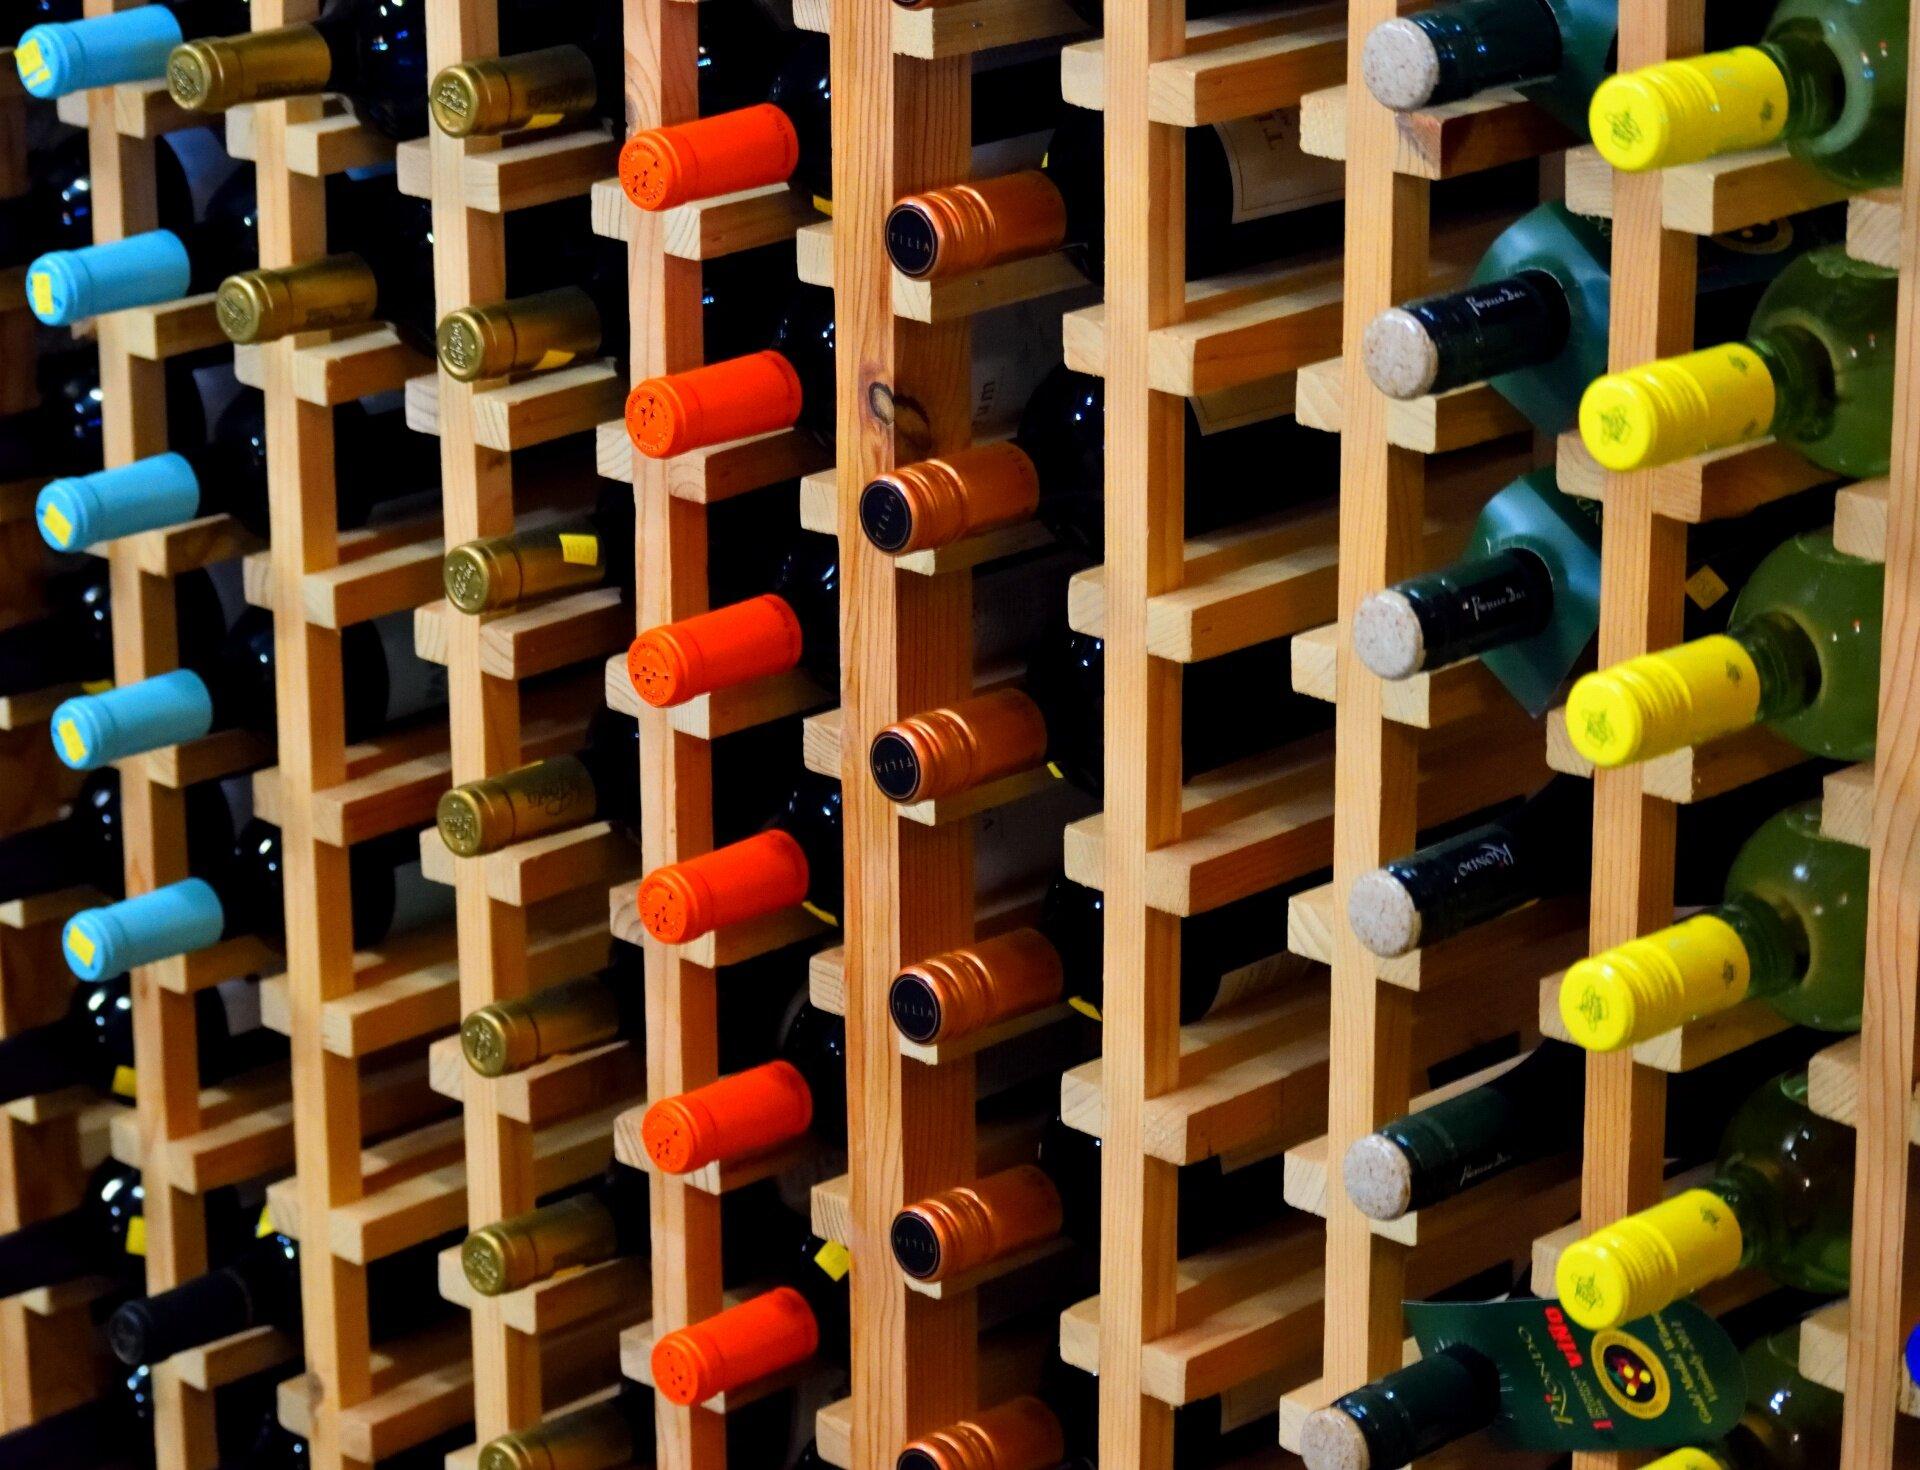 wine-for-sale bottles stacked paul brennan.jpg